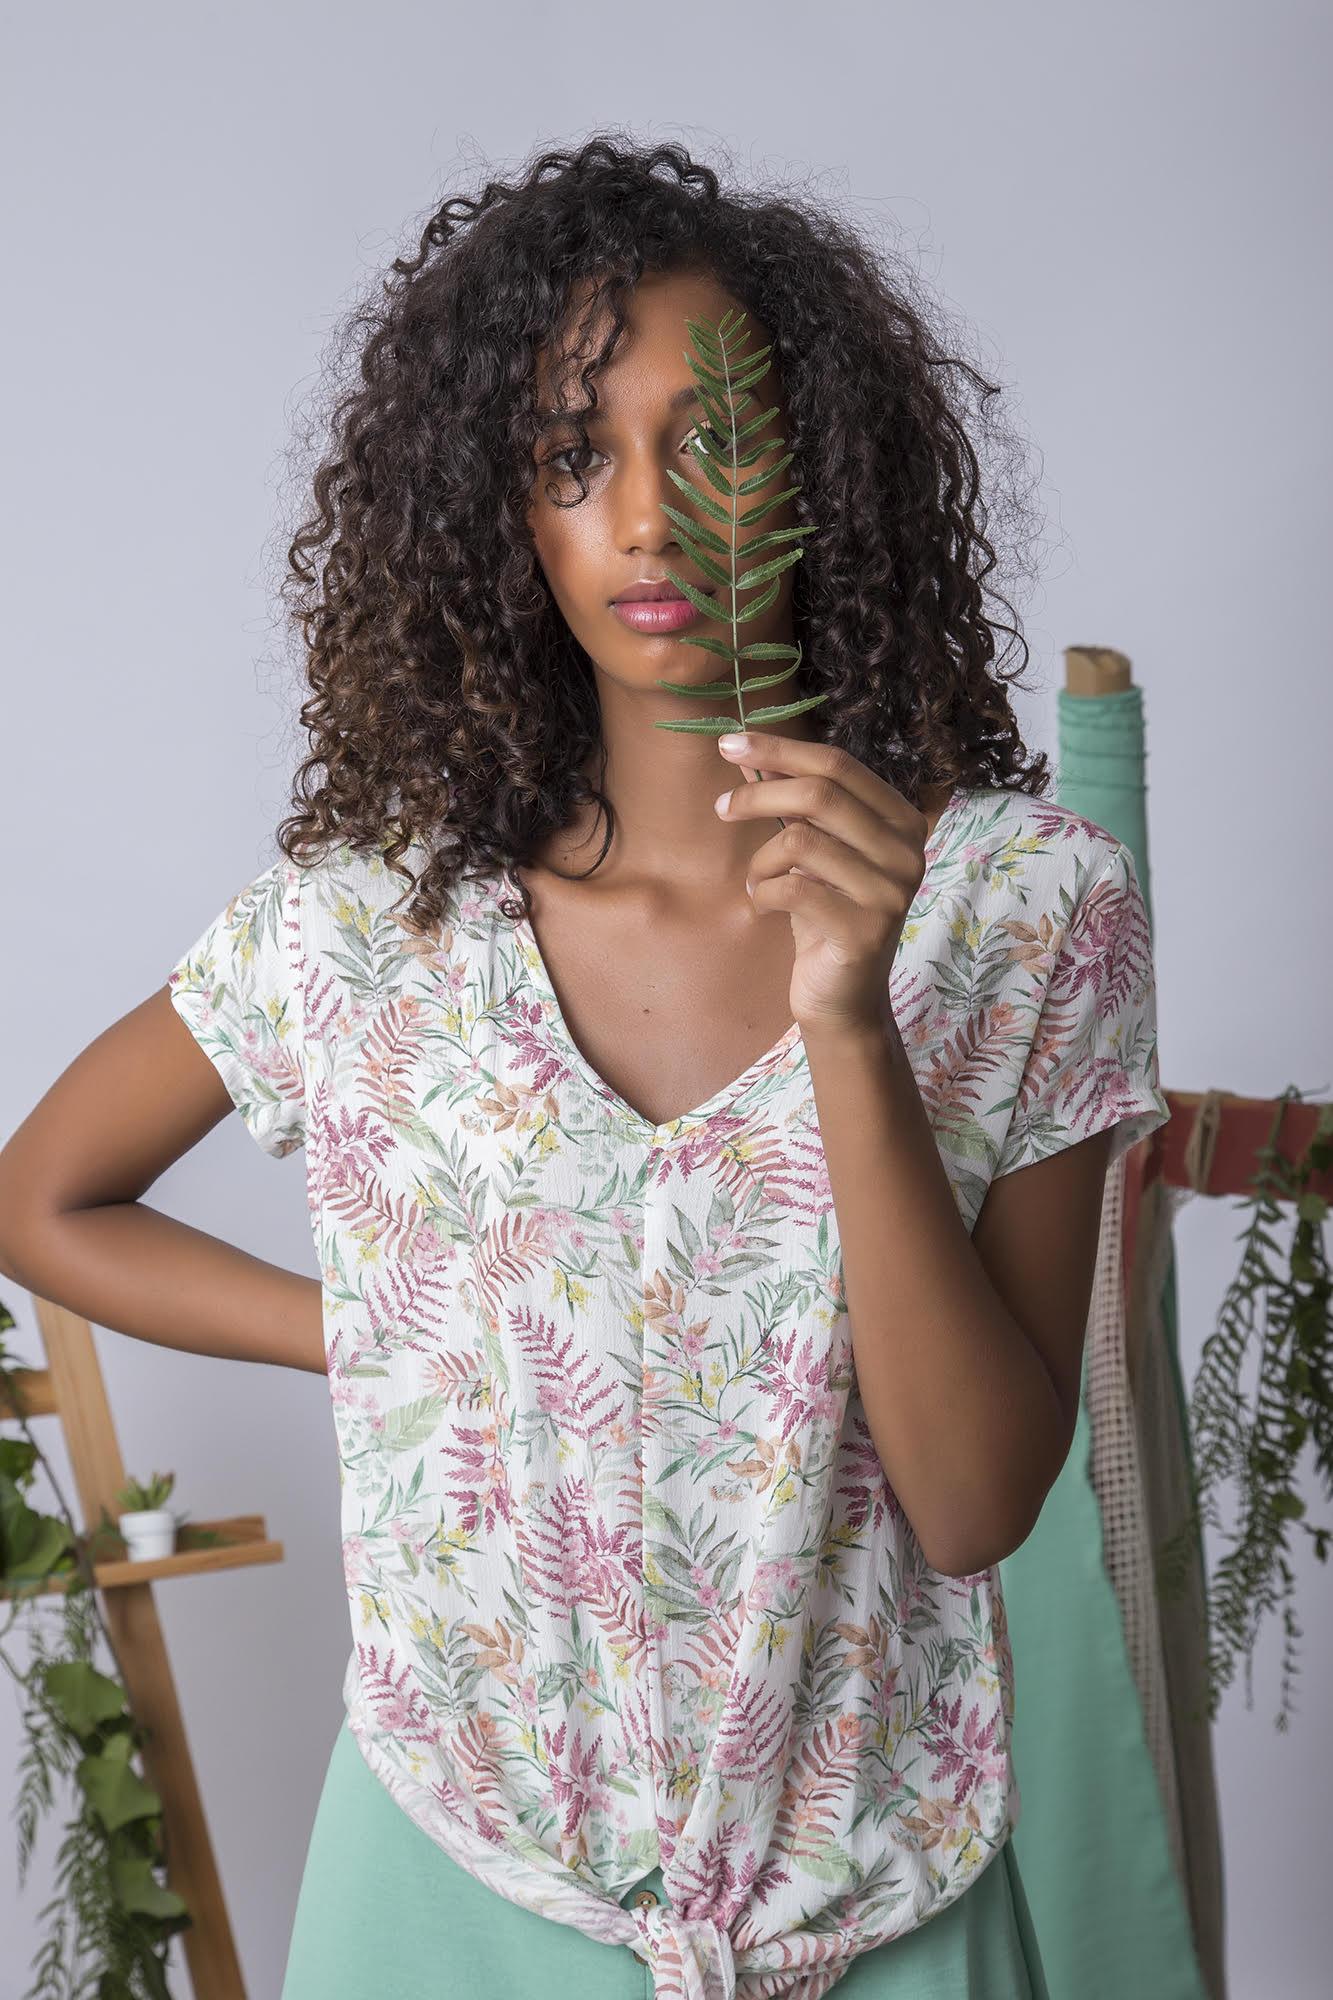 nicte-barcelona-foto-portada-verano-2021-moda-barcelona